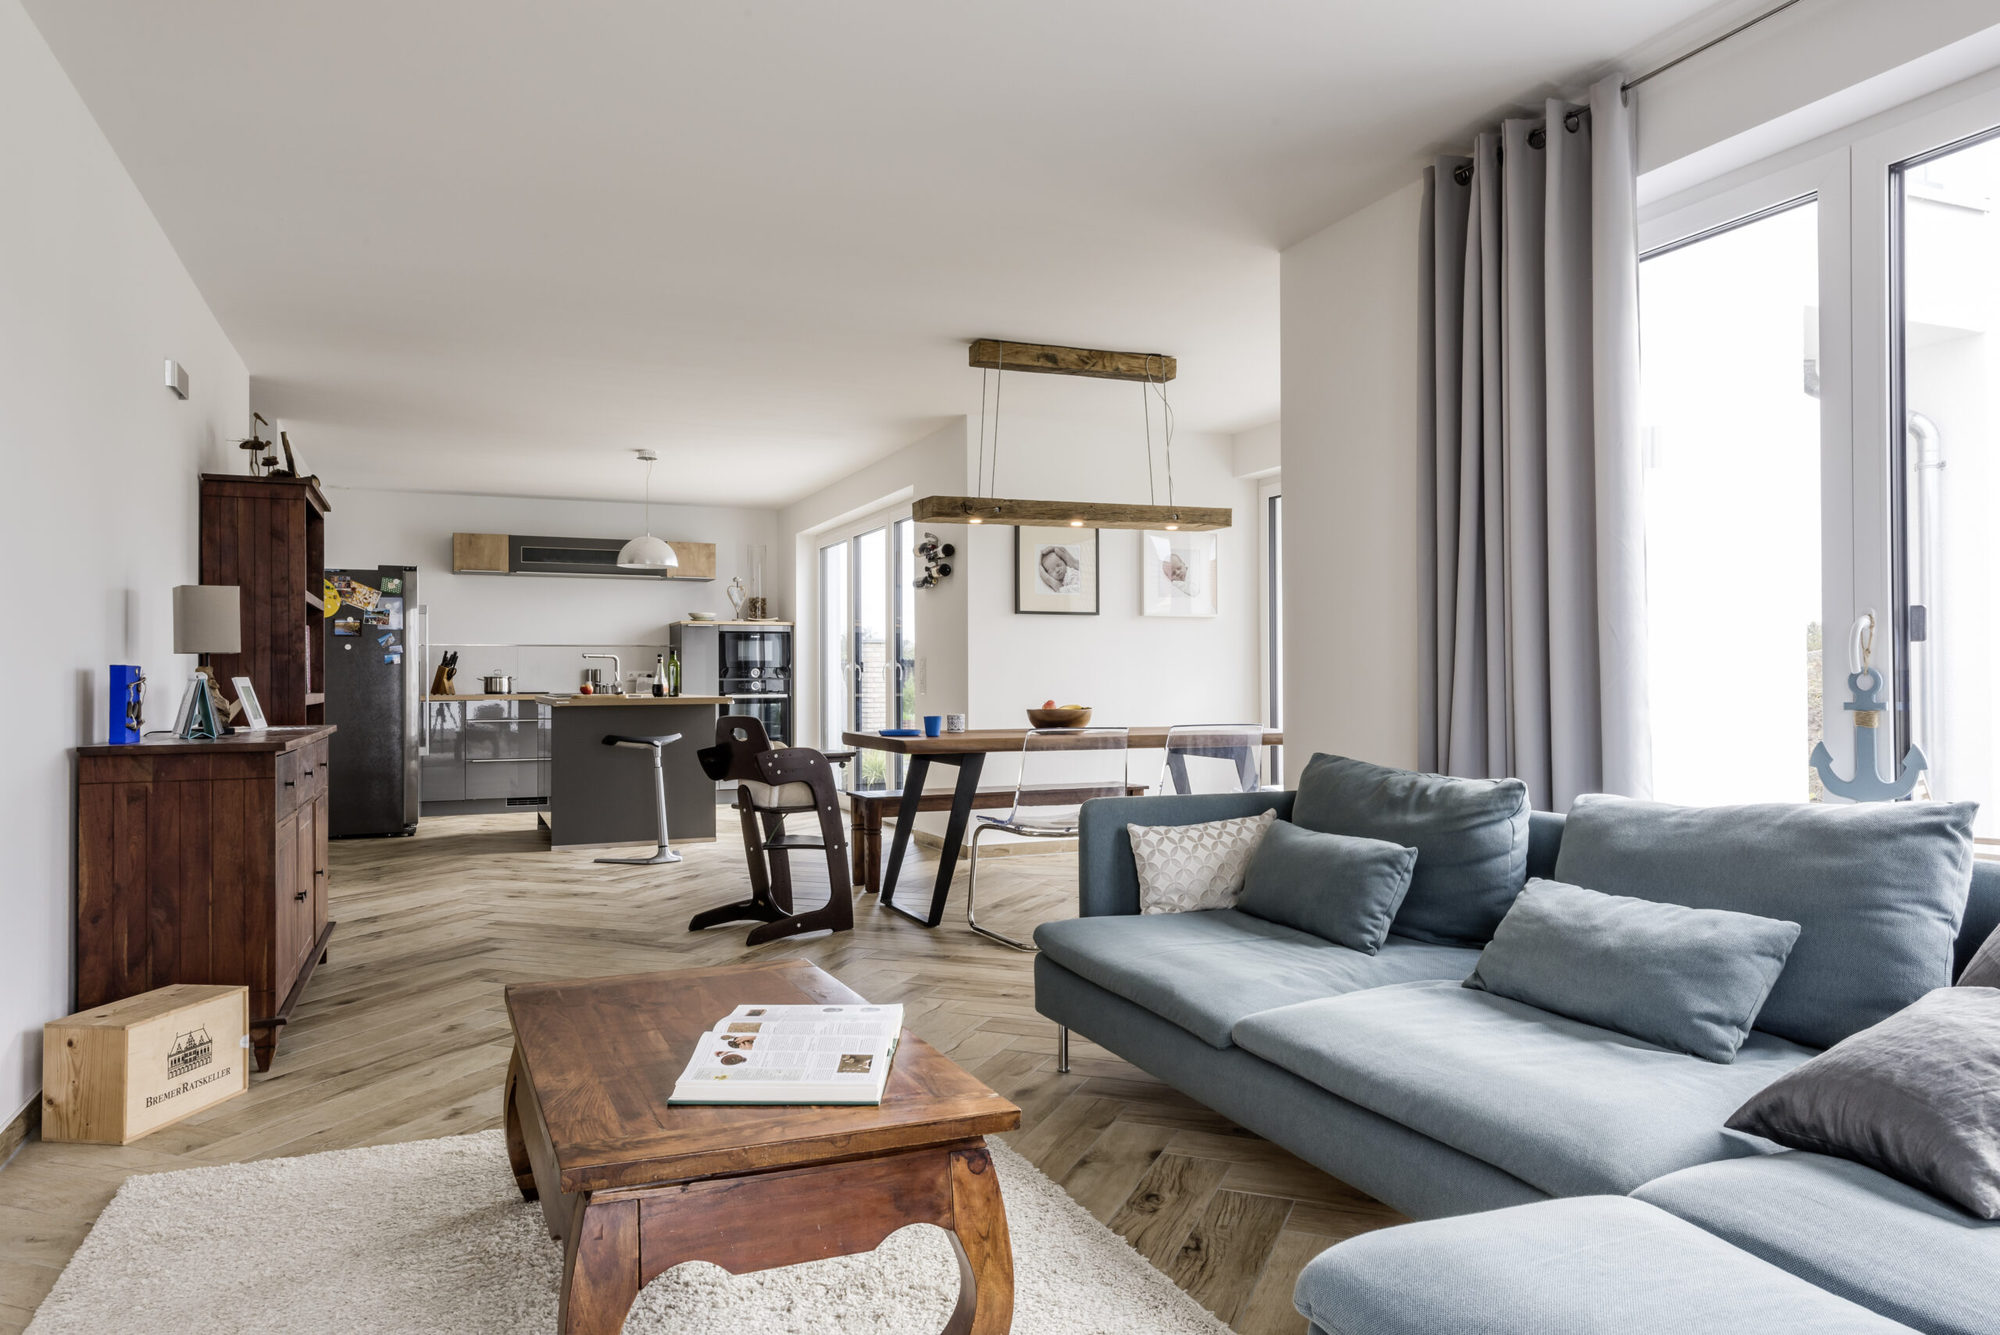 einfamilienhaus-offenes-wohnzimmer-holzlampe